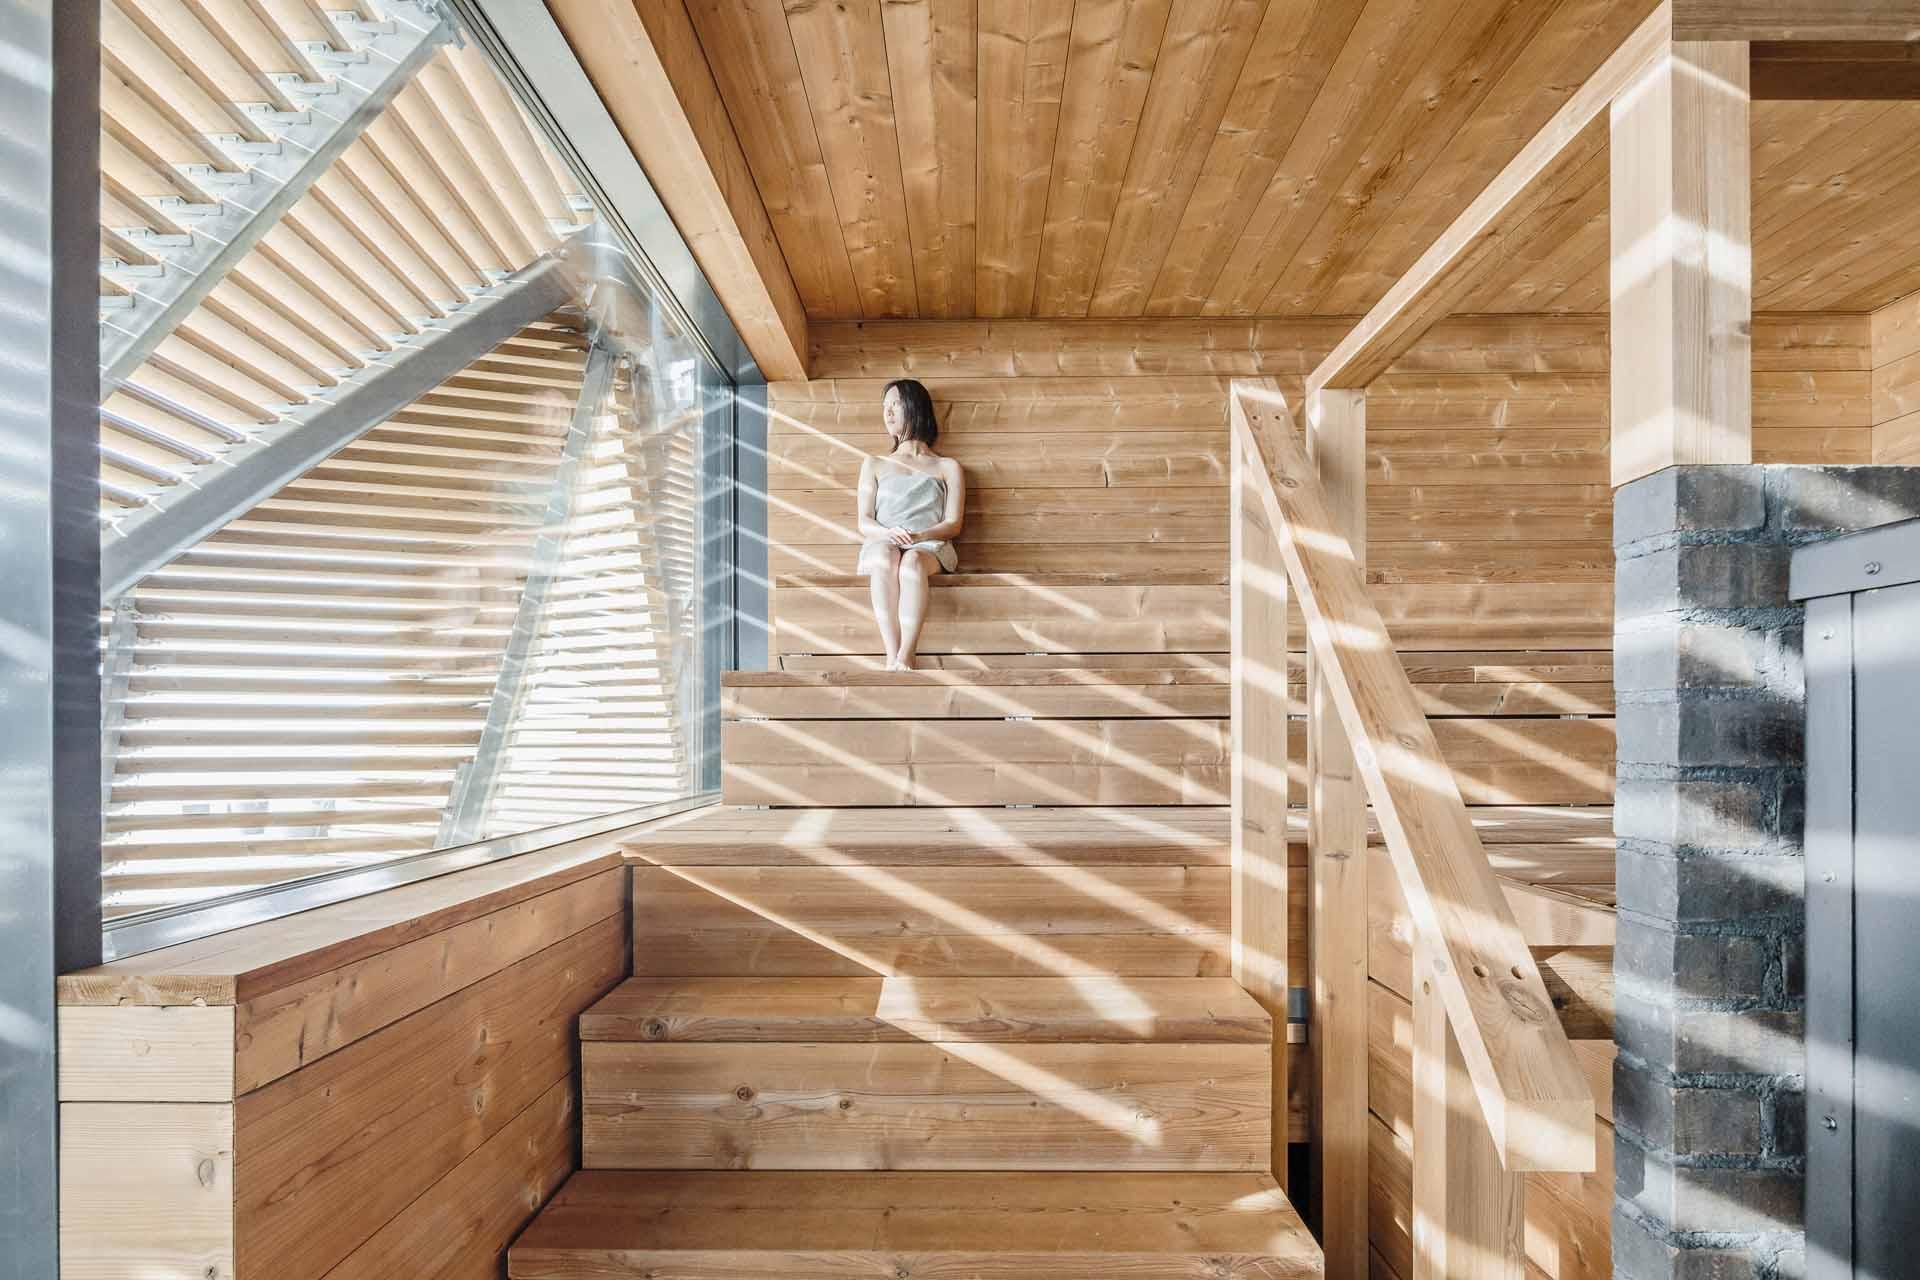 Löyly桑拿浴場。透過木頭結構的設計,從建築內部可以無遮擋欣賞海景,但建築外部的視線卻無法穿透入內。